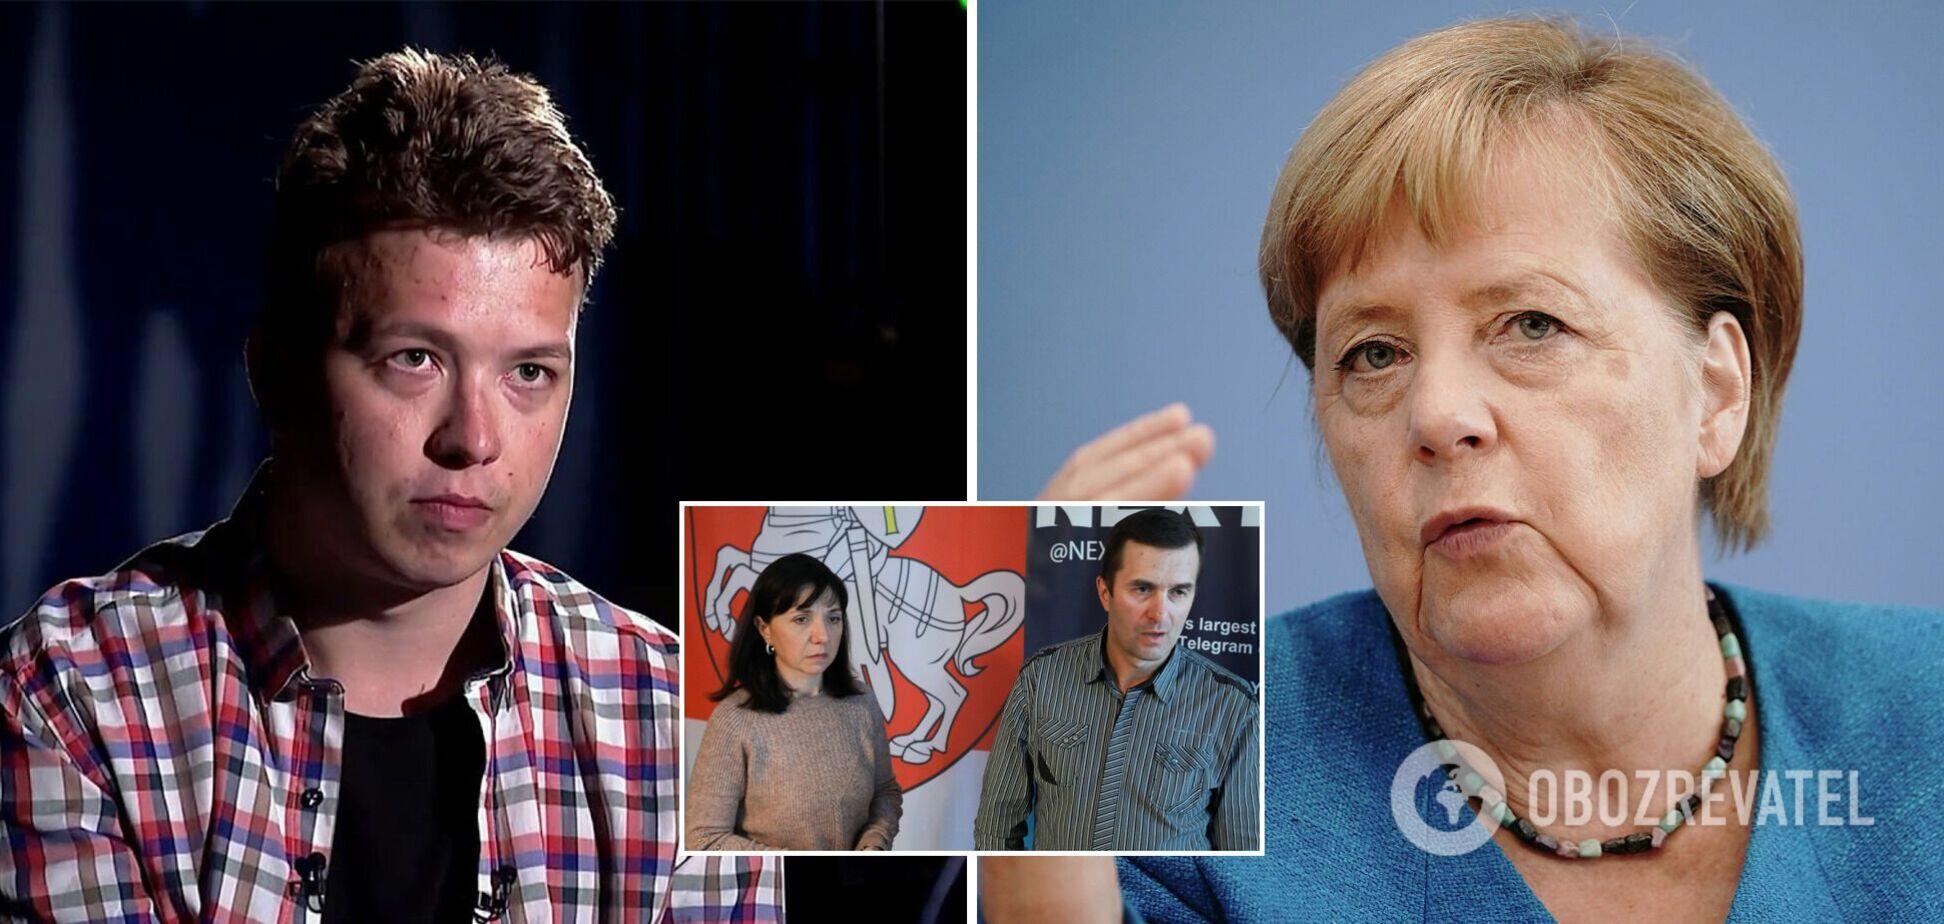 Батьки Протасевича звернулися до Меркель із проханням зупинити Лукашенка